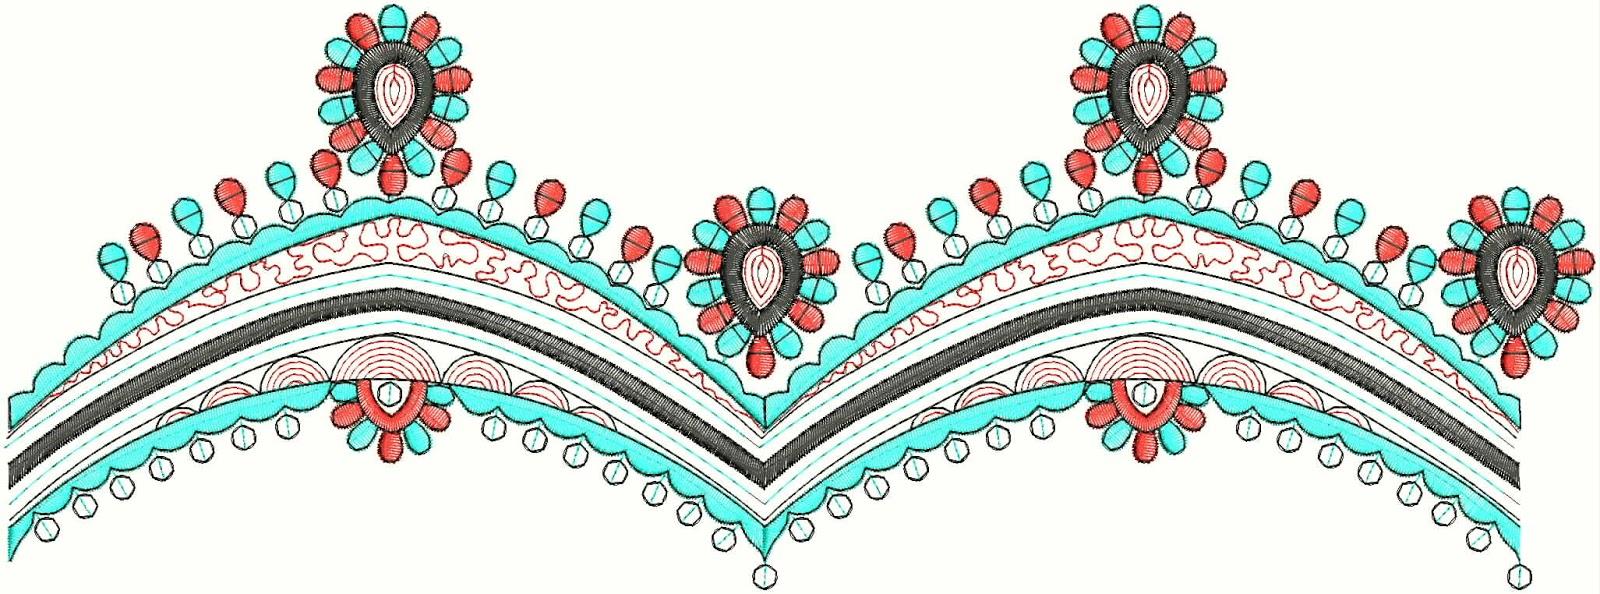 Latest Designs Border free download Lace Creative Border Lace Designs